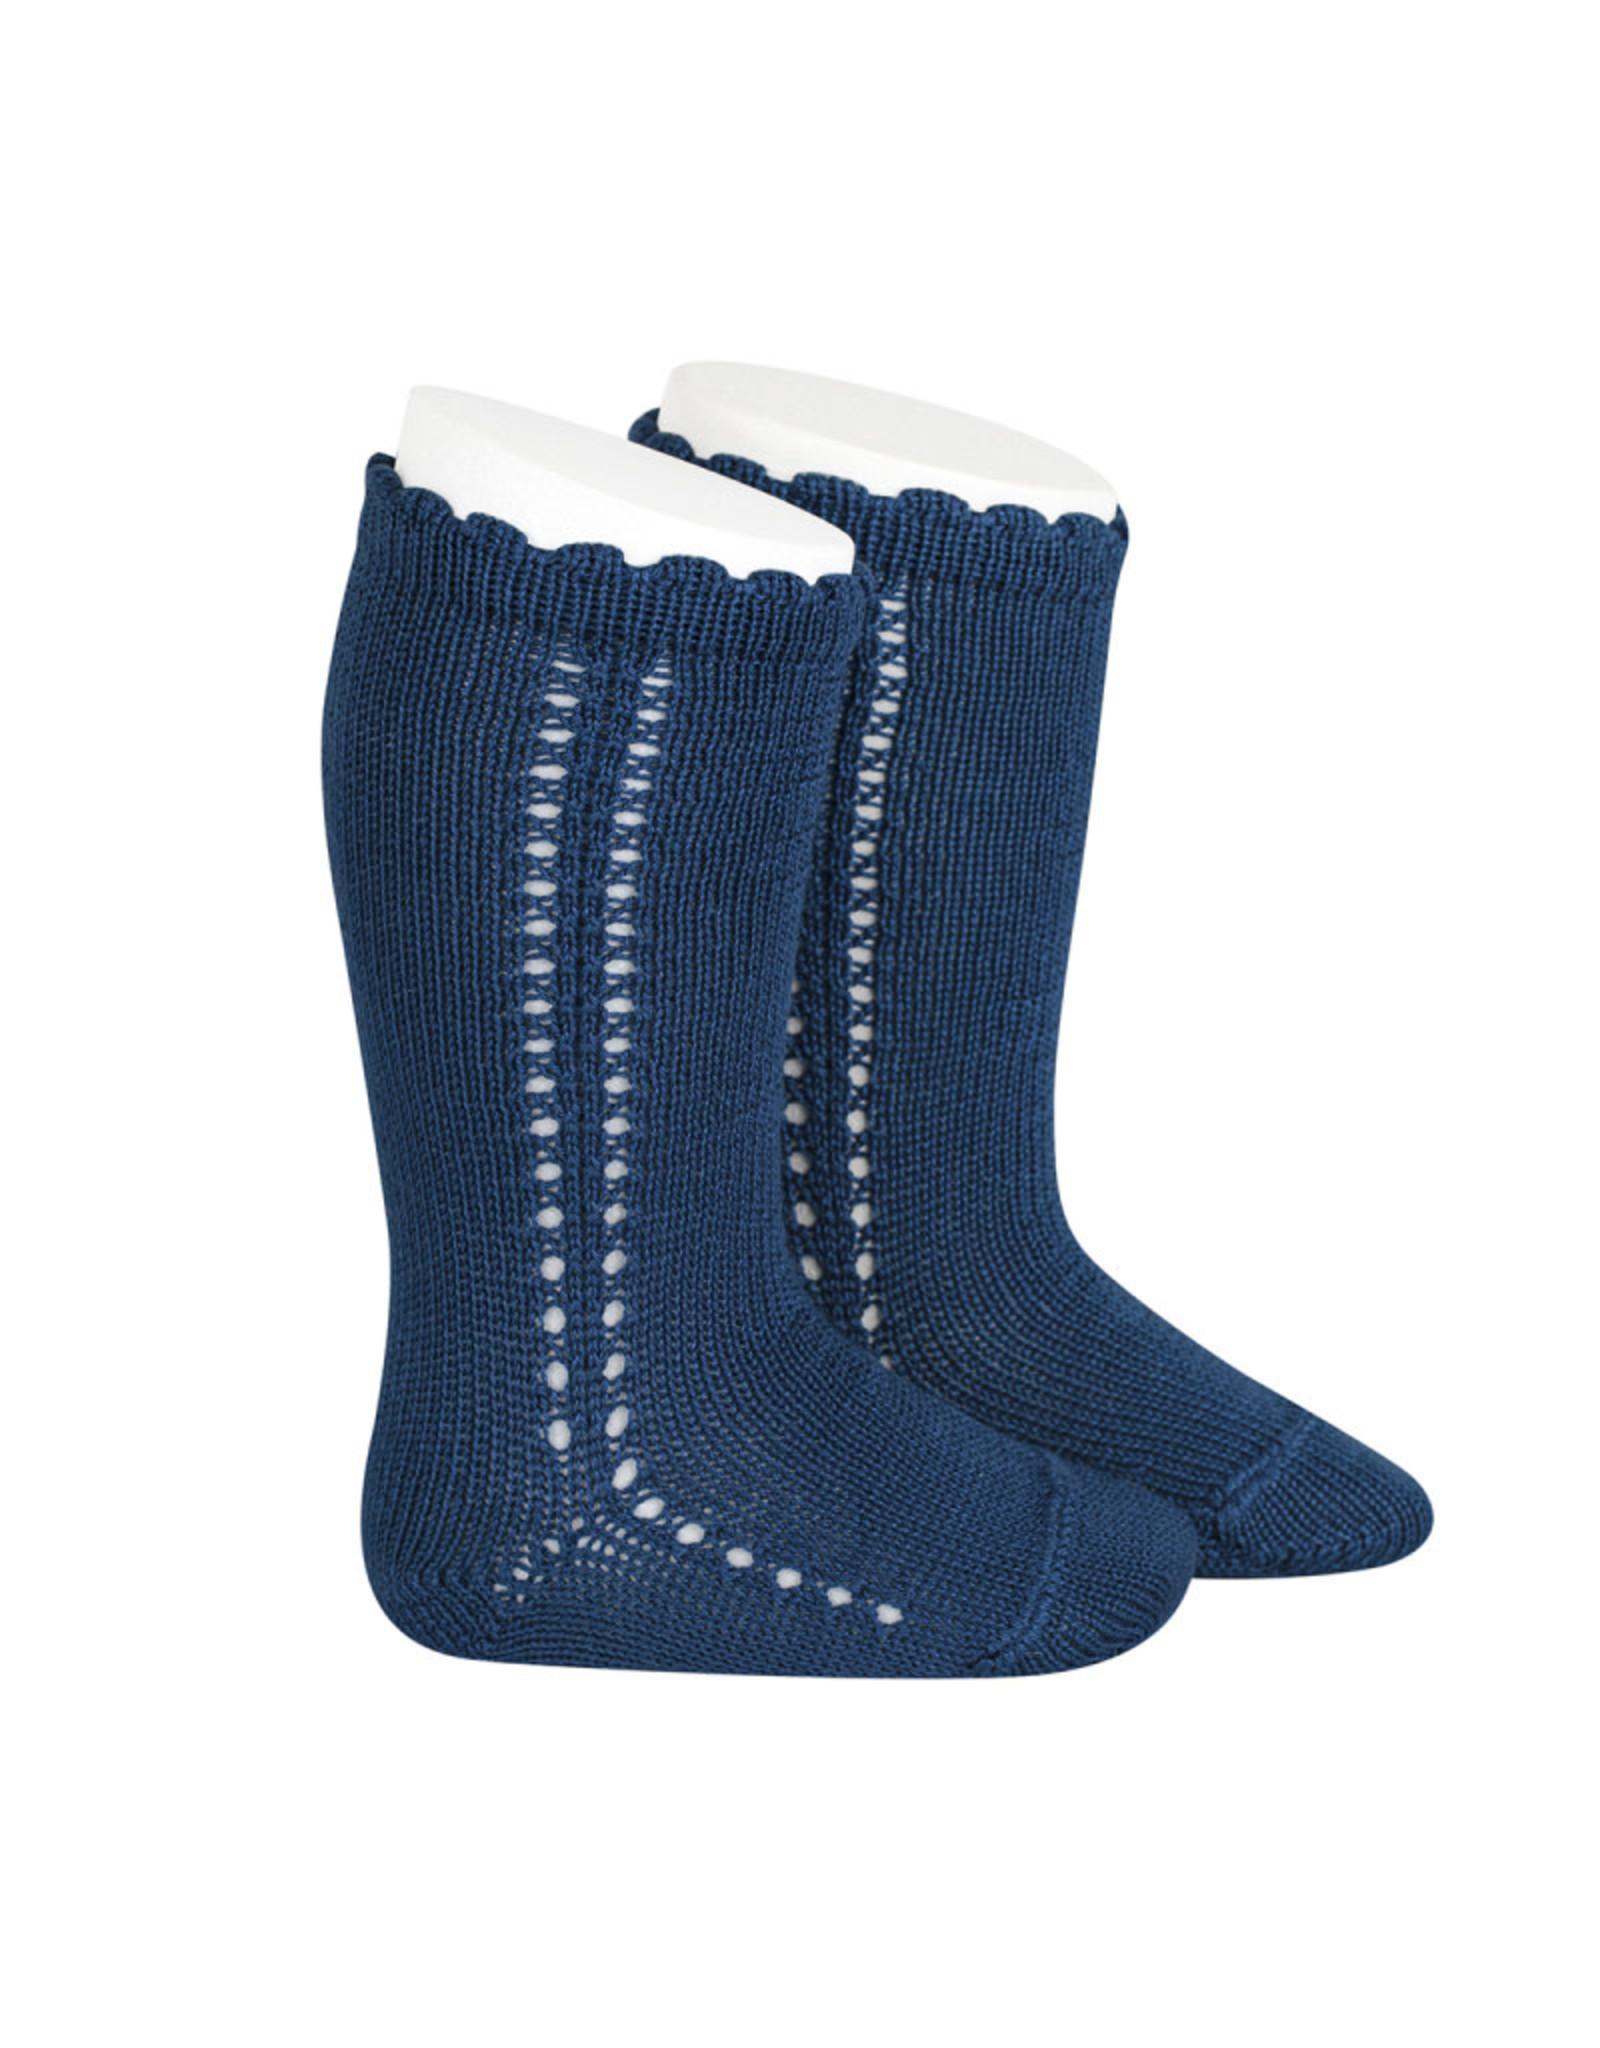 CONDOR Atlantic Side Openwork Knee Socks